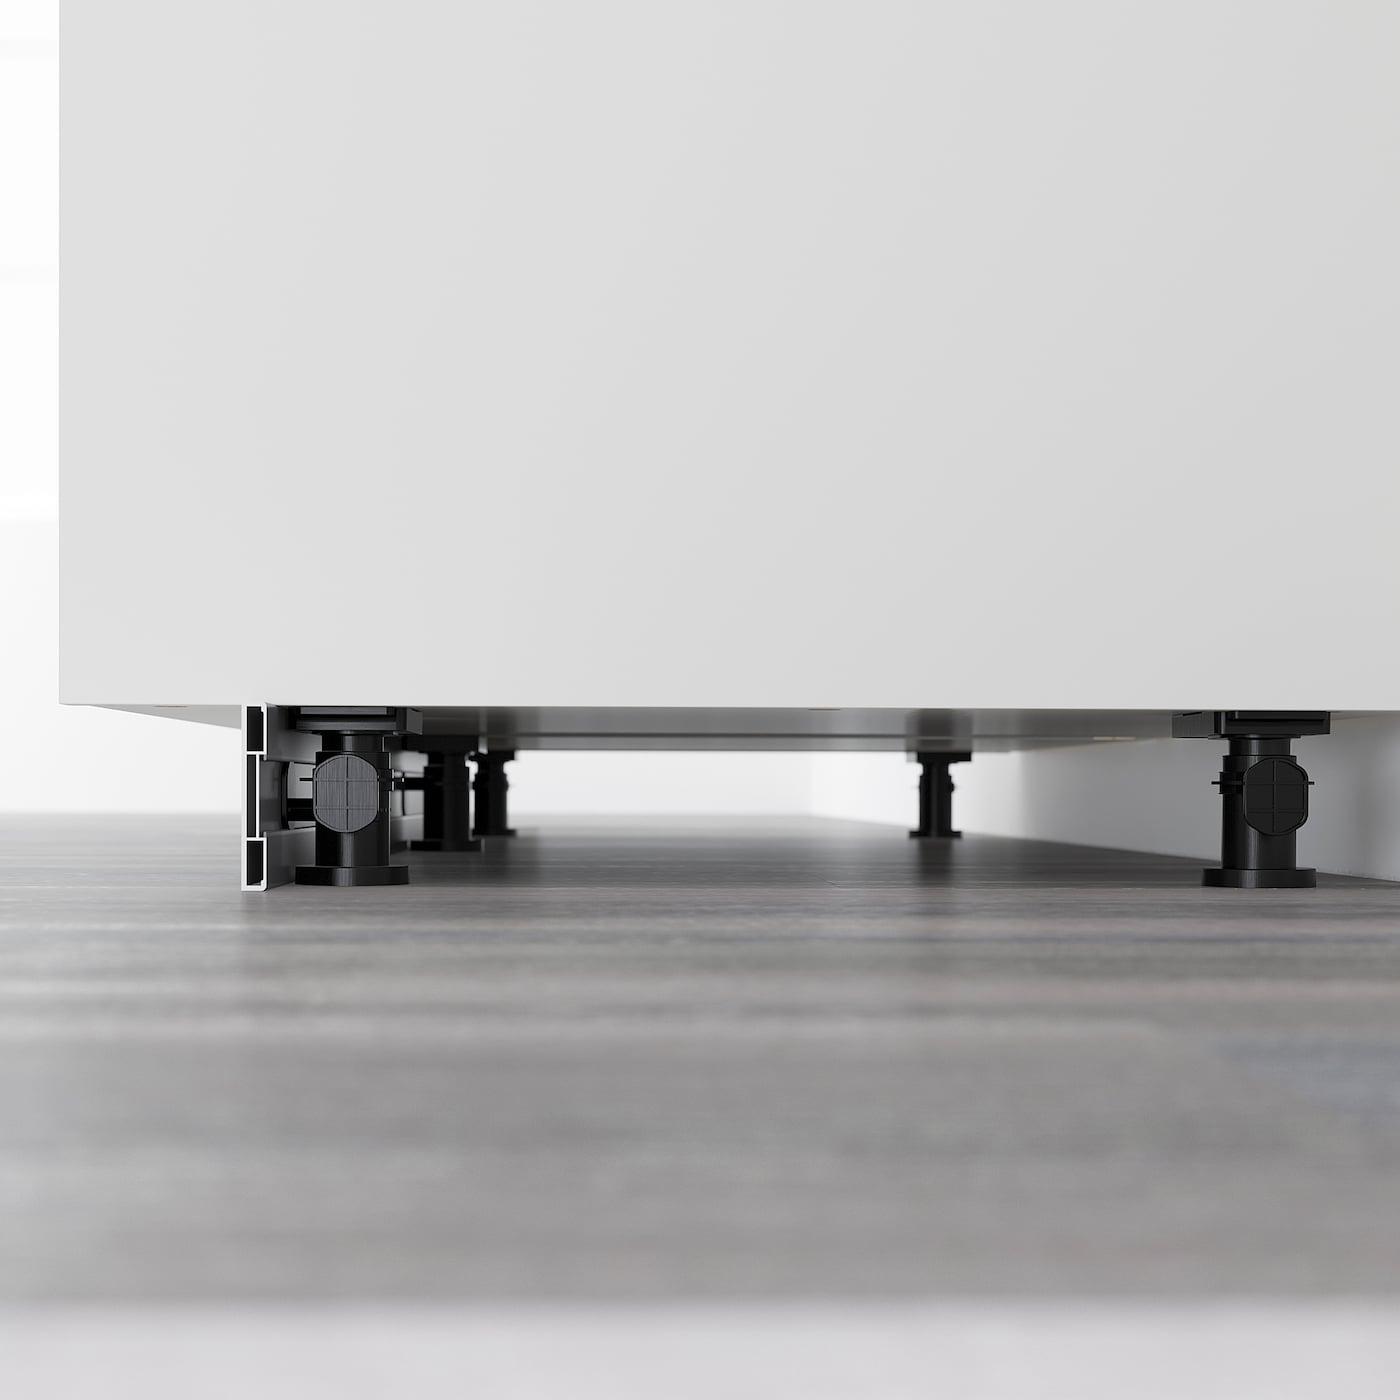 Full Size of Ikea Bein Kche Katalog Avstrija Kuhinje 2016 By Bartisch Küche Kosten Sofa Mit Schlaffunktion Miniküche Betten Bei Modulküche Kaufen 160x200 Wohnzimmer Bartisch Ikea